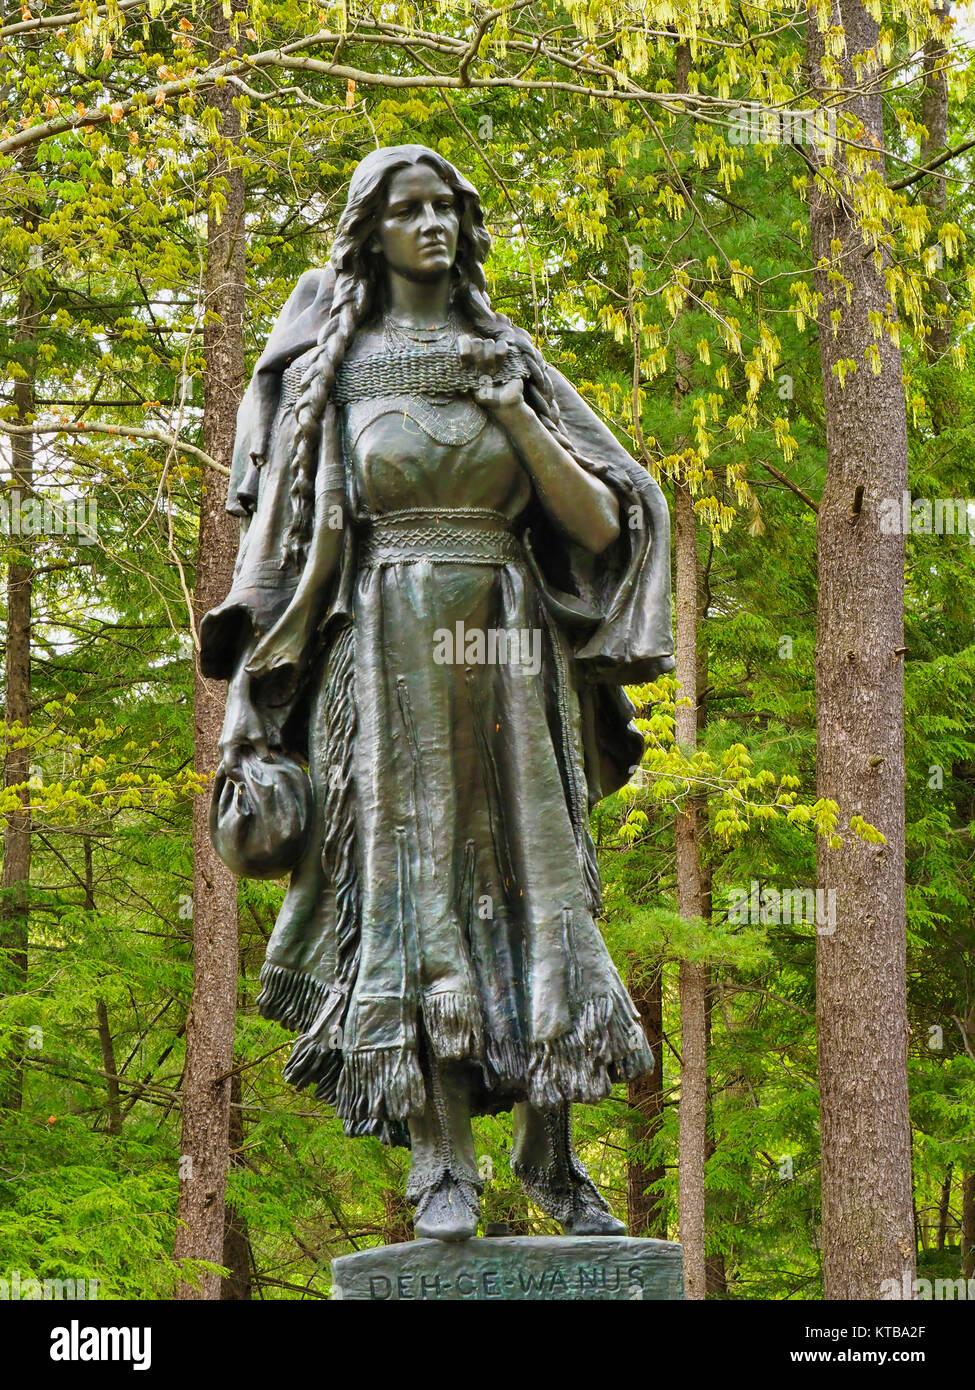 Mary jemison history